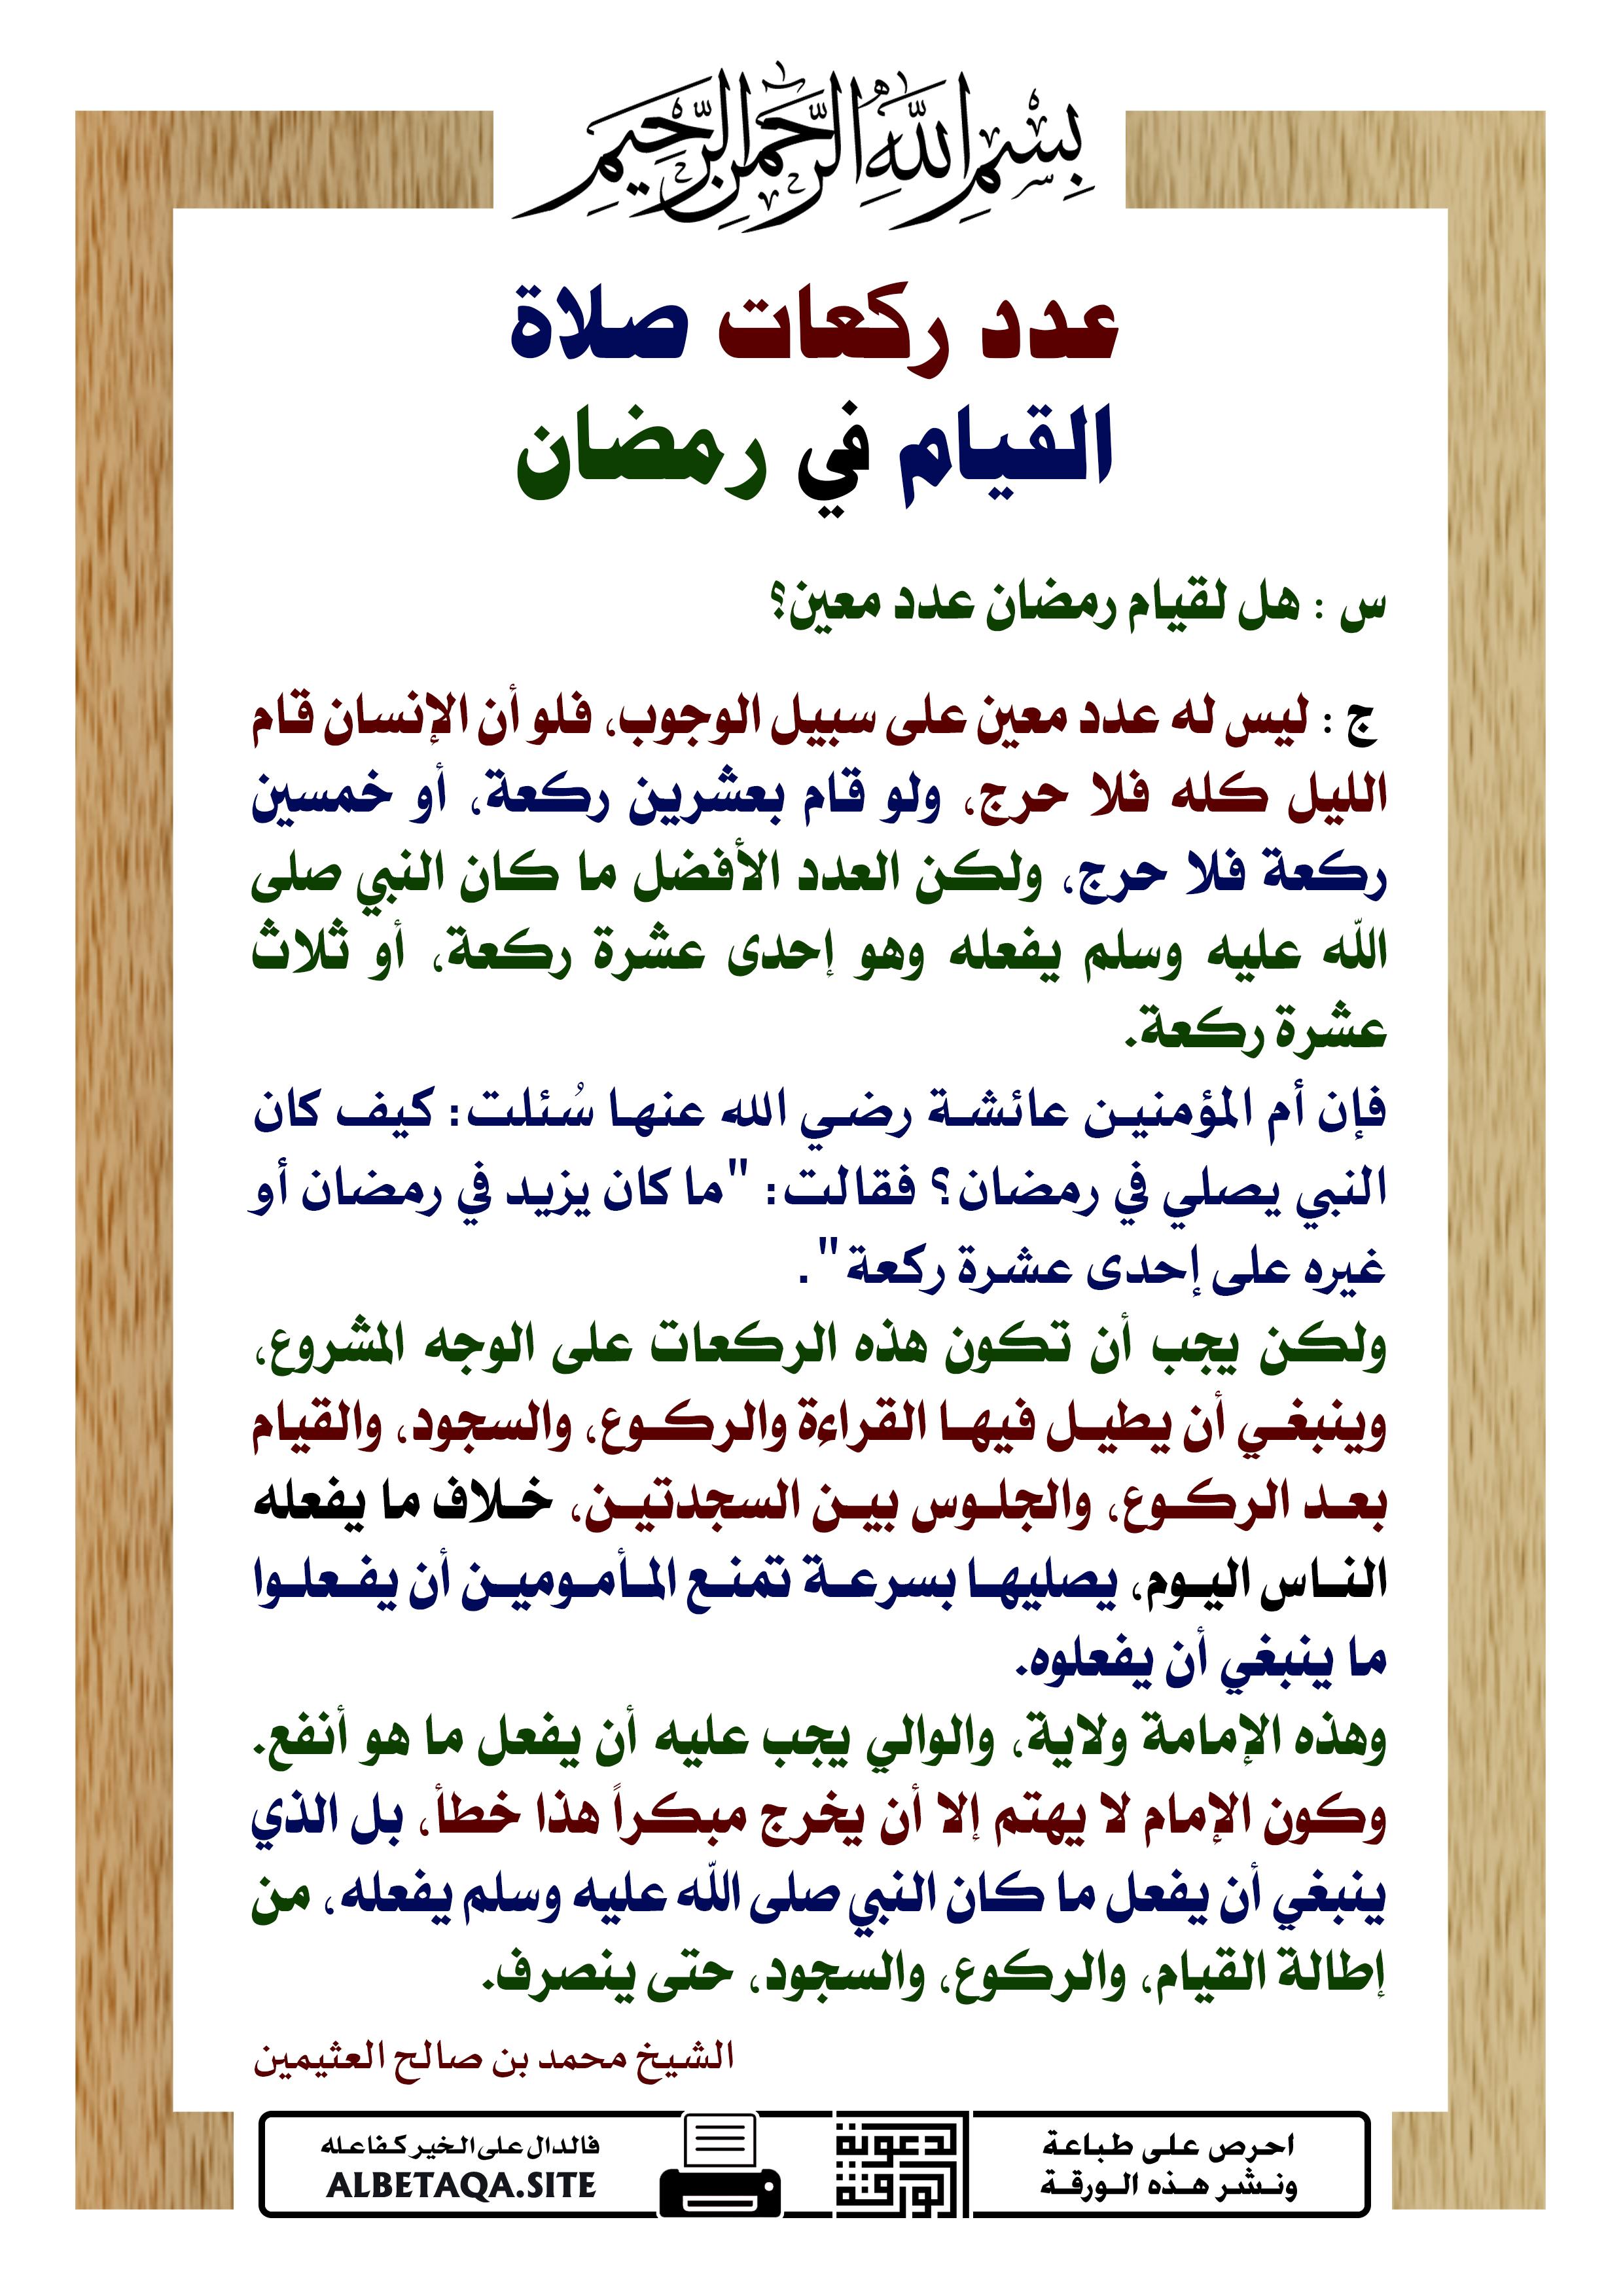 هدية تذكارية رقعة قماشية باهت كم عدد ركعات صلاة الجمعه للنساء Dsvdedommel Com